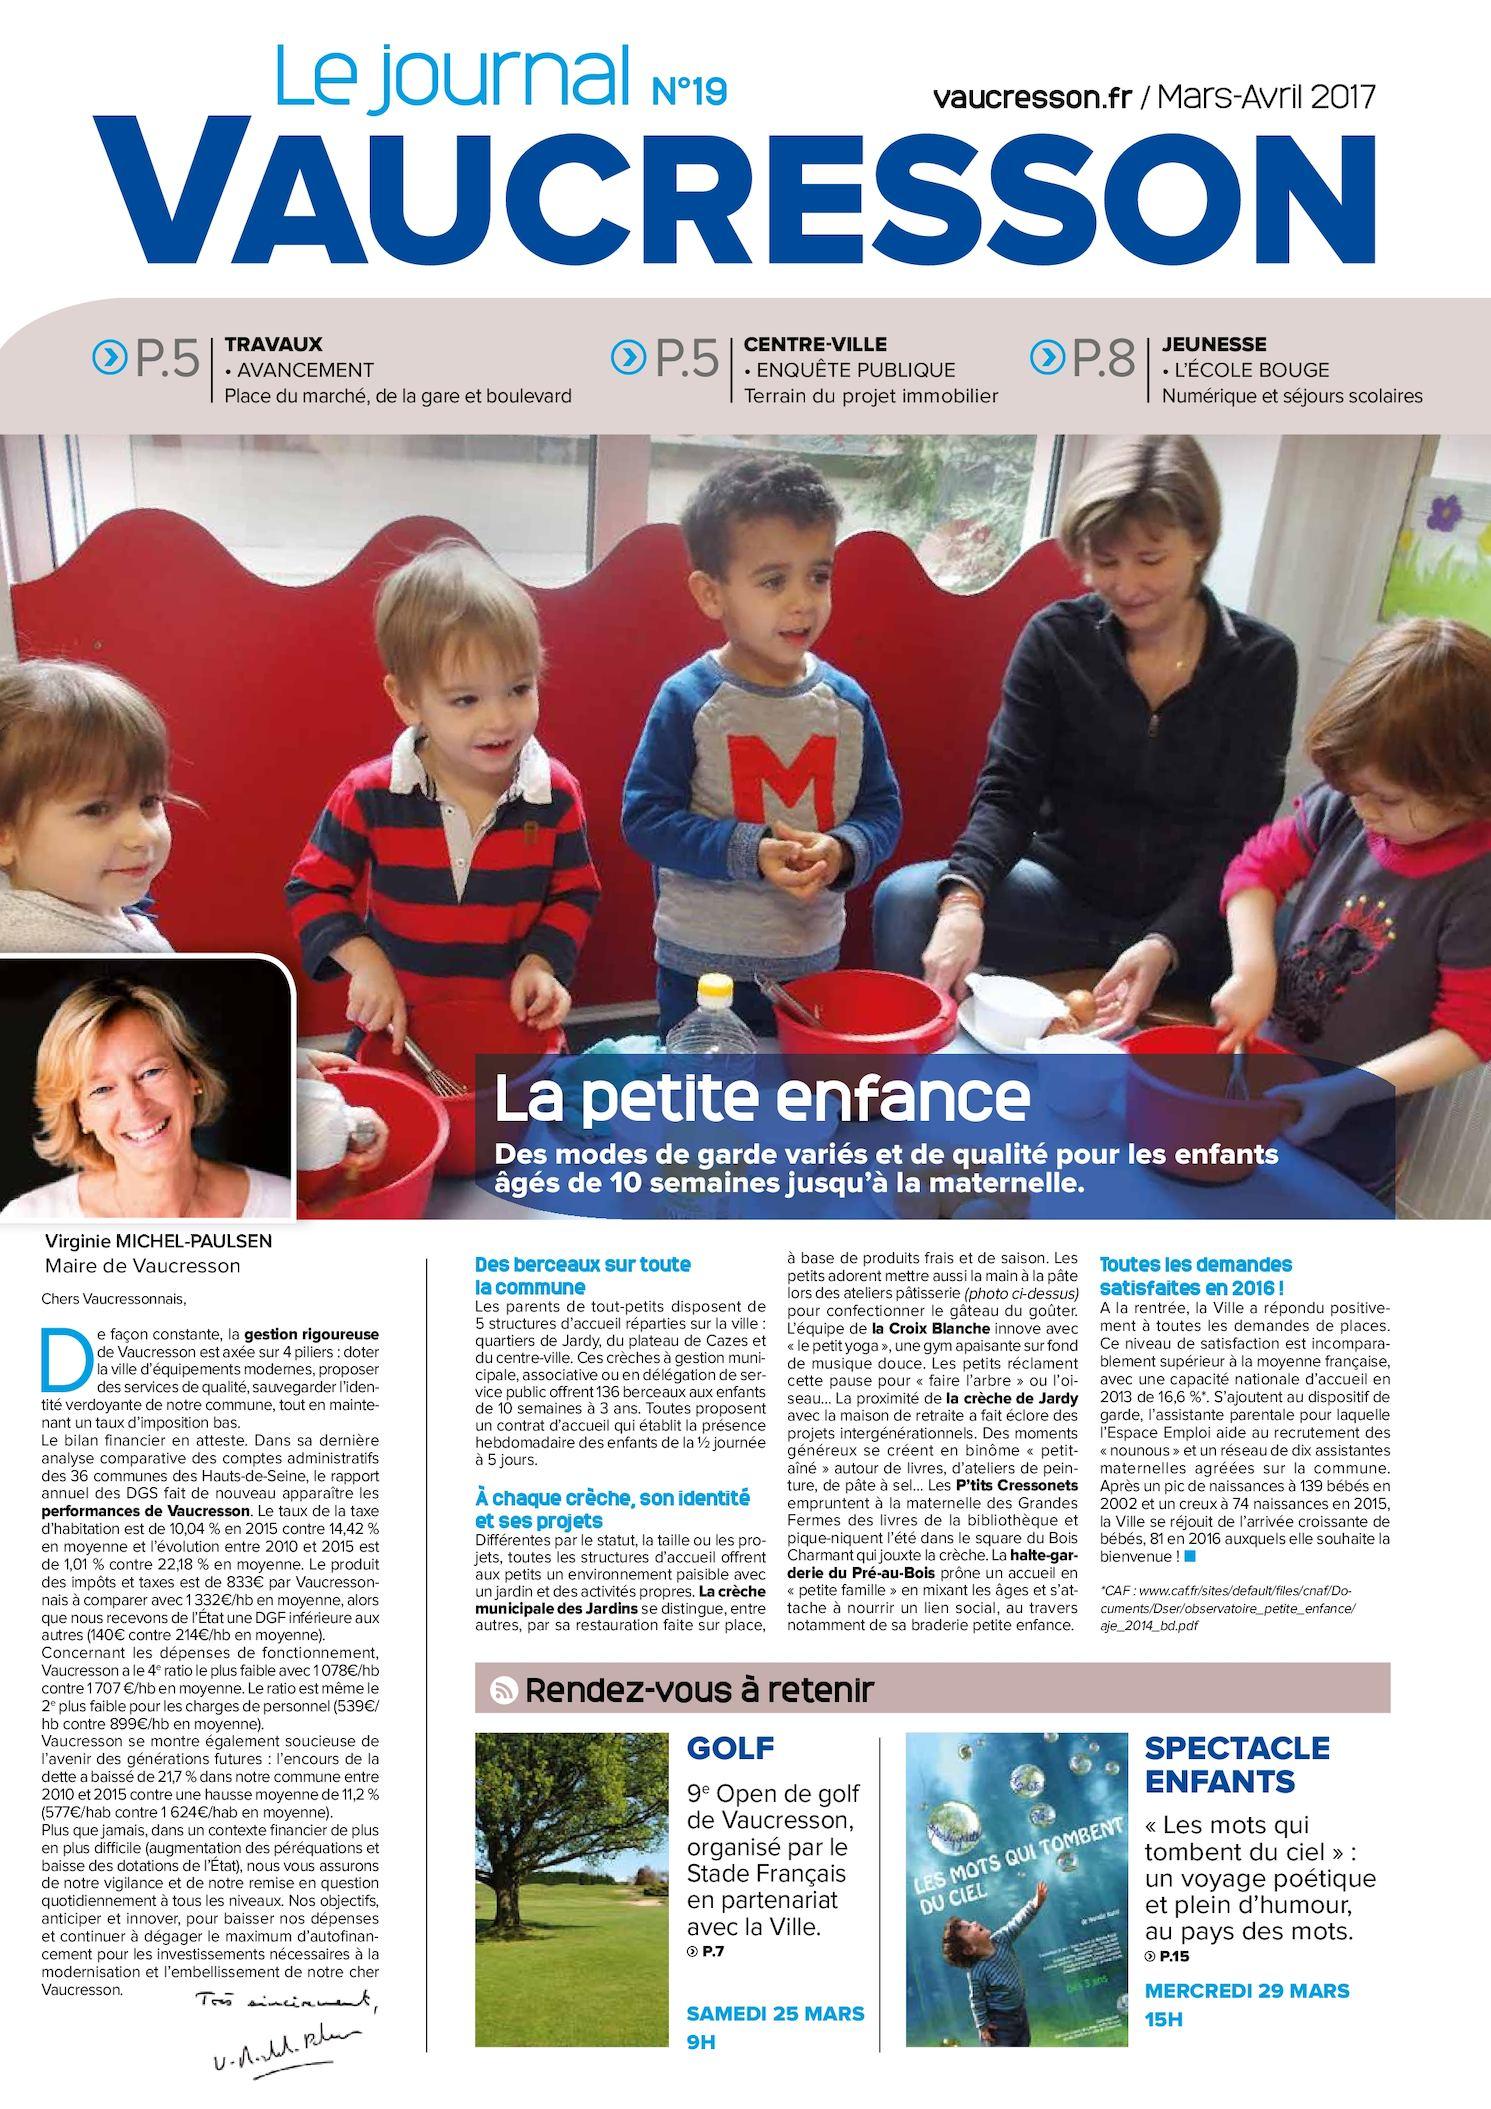 Journal de Vaucresson N°19